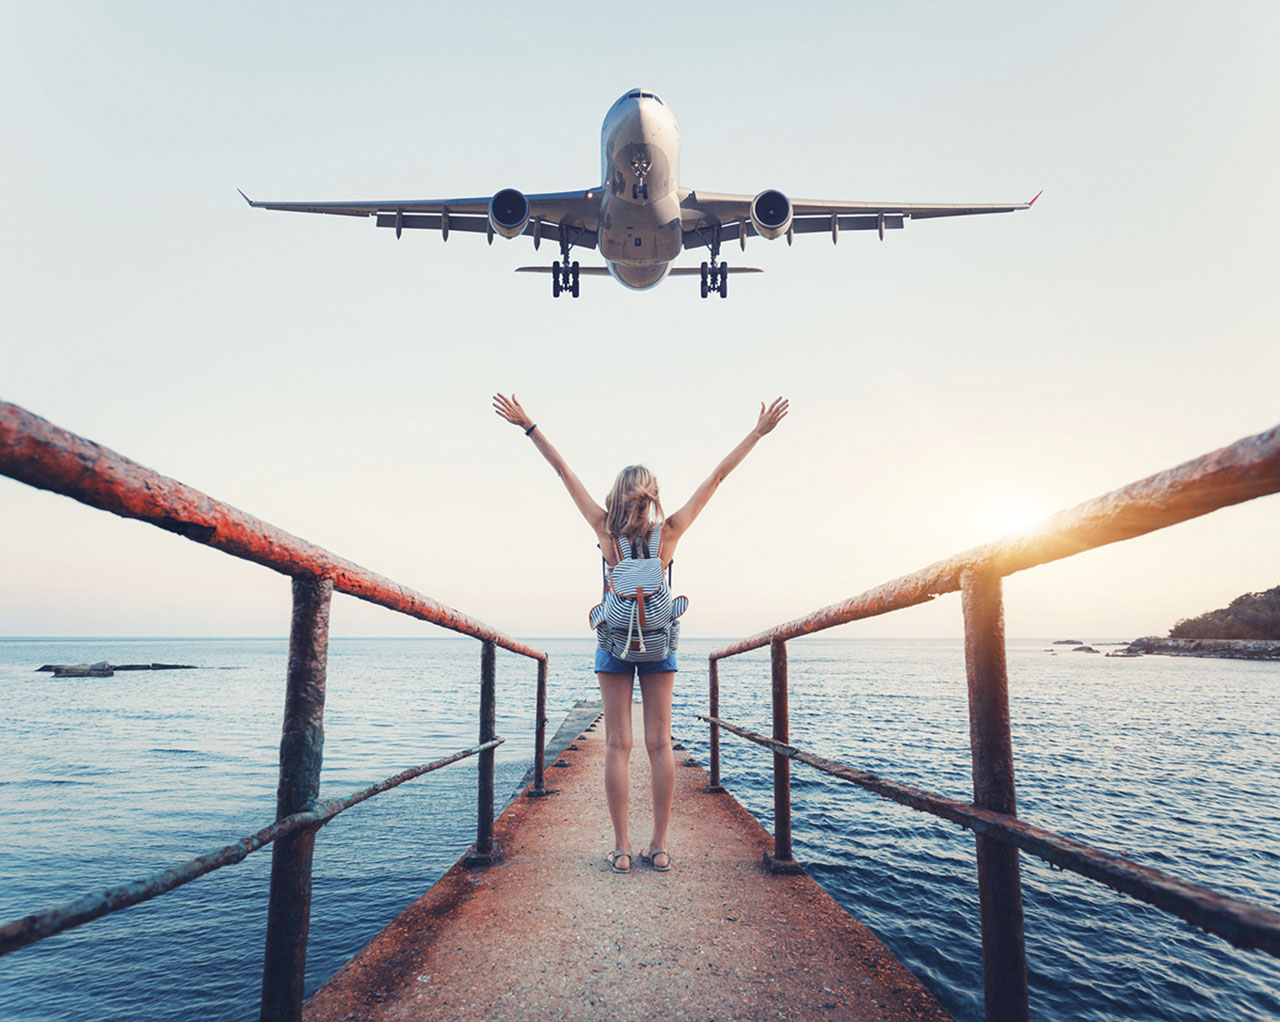 Бюджетные авиалинии: Плюсы и минусы